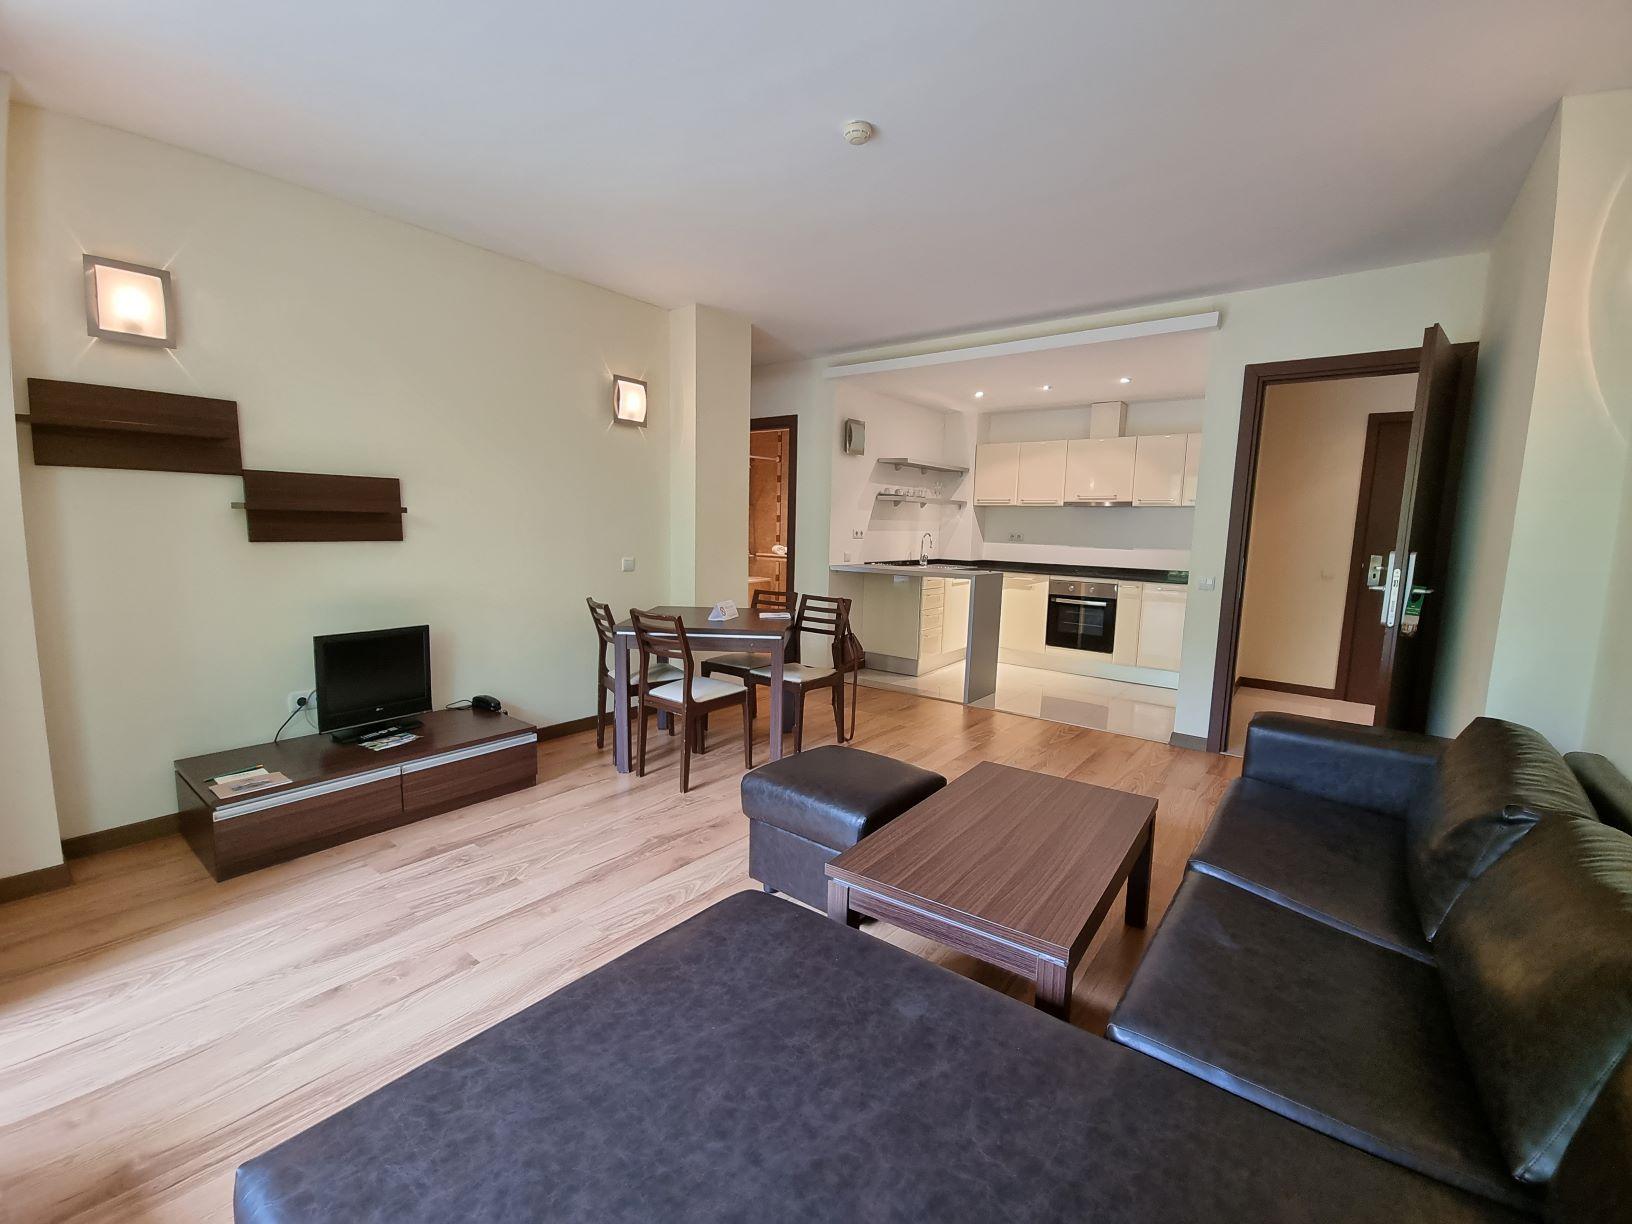 Ground floor 2 bedroom apartment in Terra Complex